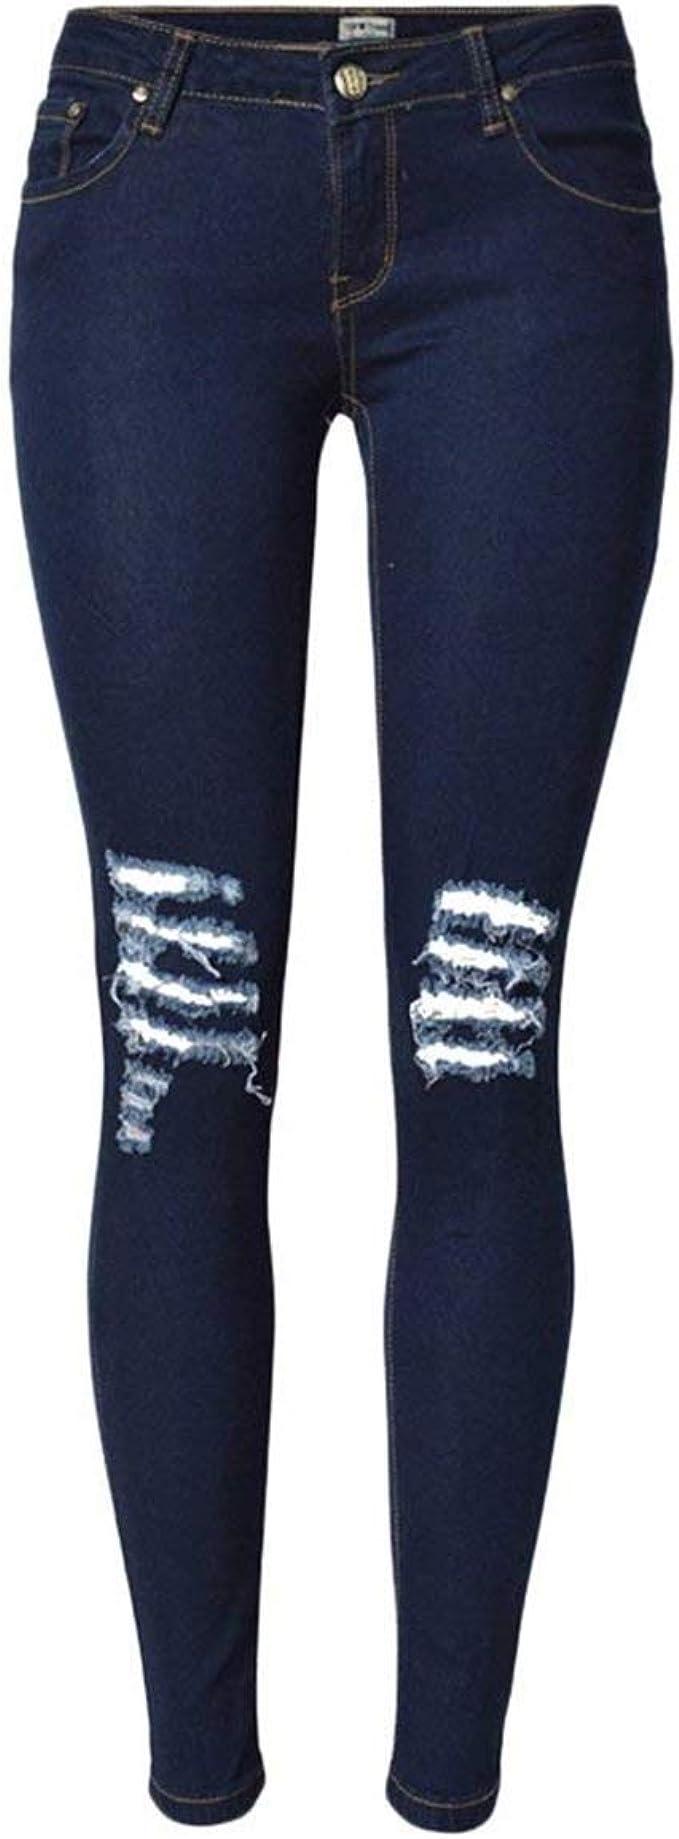 Leggings Para Mujer Pantalones Vaqueros Rotos Estilo Especial Estiramiento Pantalones Agujeros Delgados Cher Cintura Alta Con Bolsillos Pantalones Amazon Es Ropa Y Accesorios